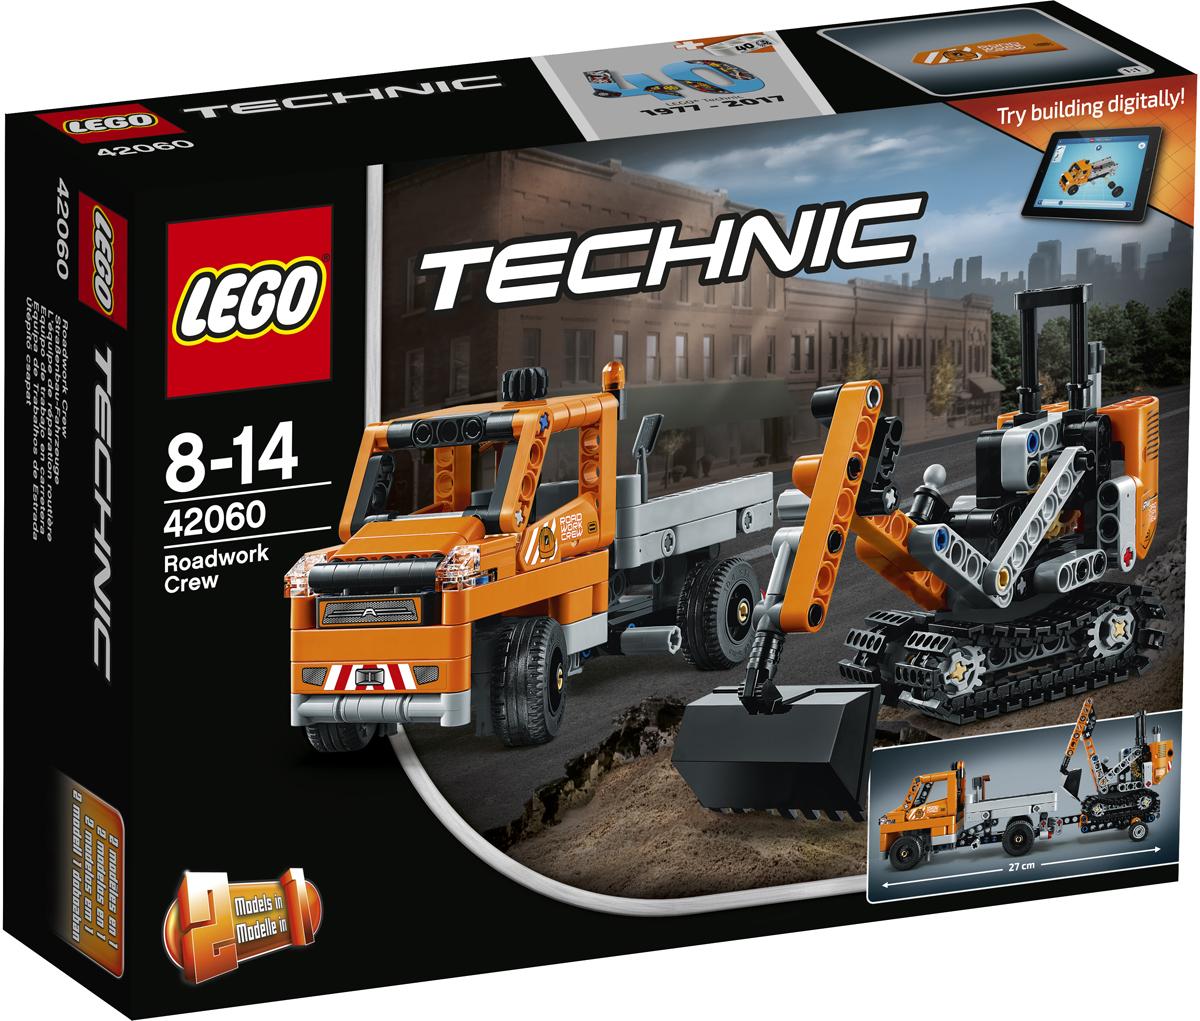 LEGO Technic Конструктор Дорожная техника 4206042060С лёгкостью делай тяжёлую работу, используя мощную технику бригады для дорожных работ LEGO Technic 2-в-1. Набор включает в себя грузовик с передвижным трейлером, а также солидный гусеничный экскаватор в классической чёрно-серо-оранжевой цветовой гамме. Подведи трактор к нужному месту и, работая поворотной частью, вращающейся на 360°, со стрелой и ковшом, складывай грузы на платформу. Перестрой этот набор и создай мини-машину для разбрасывания песка с плугом. Интерактивное интернет-приложение с цифровыми 3D-инструкциями по сборке LEGO для обеих моделей доступно онлайн!